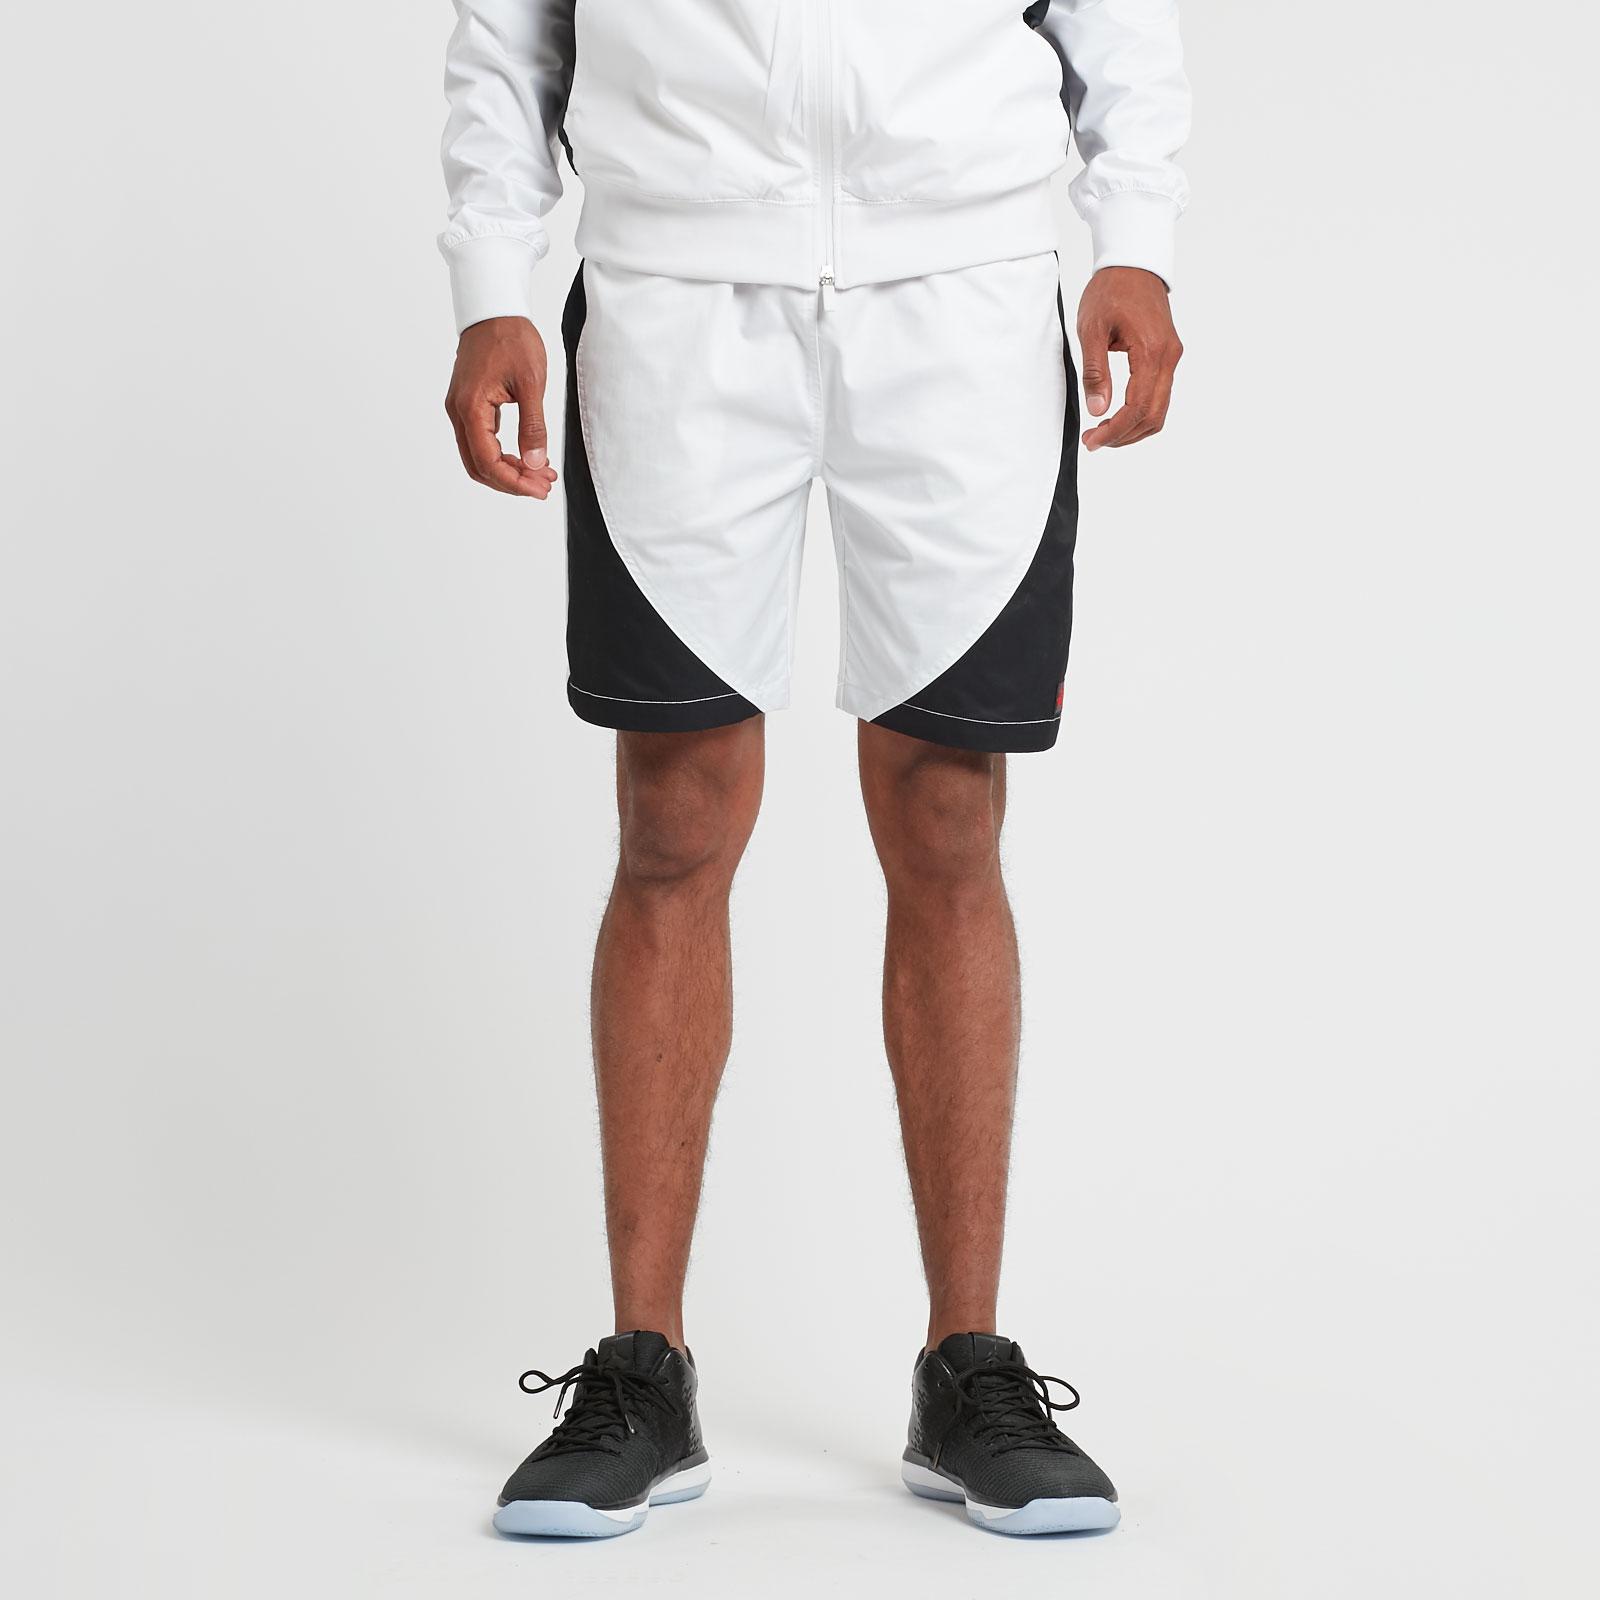 3ced9d9d38bf Jordan Brand Muscle Short - 884269-010 - Sneakersnstuff